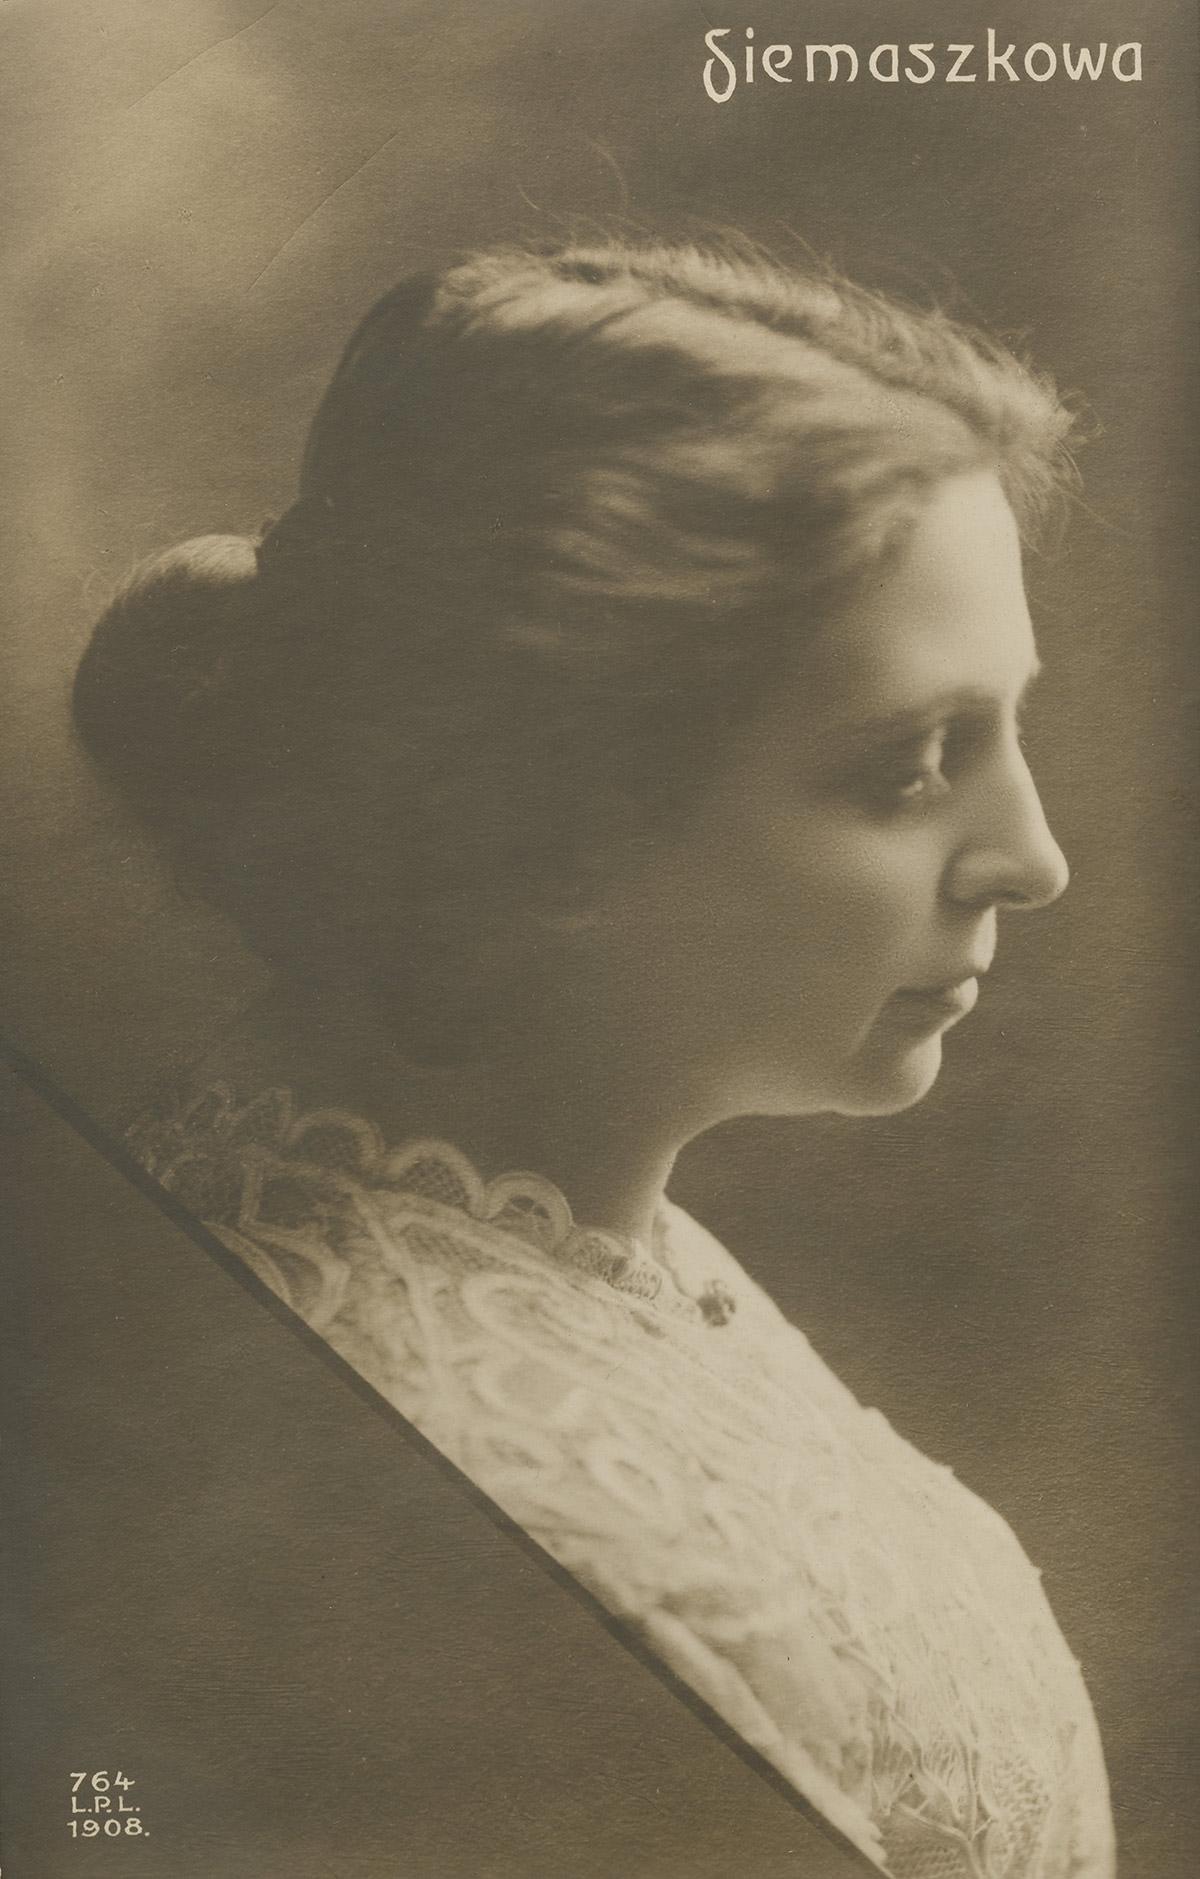 Wanda Siemaszkowa, fotografia, Muzeum Krakowa, Muzeum historii krakowa, Niezła sztuka